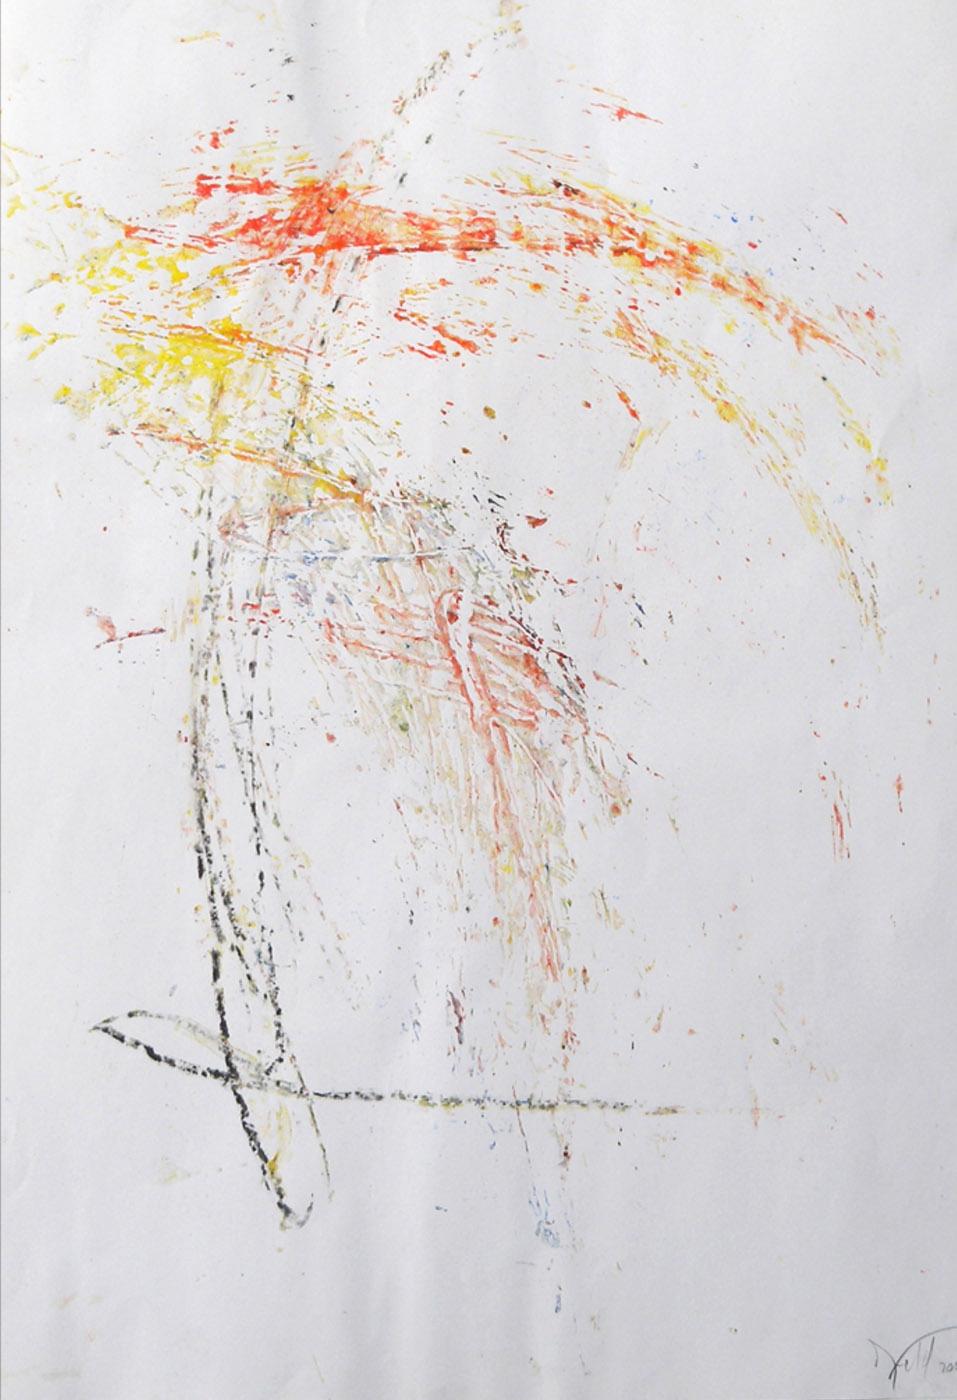 MARC FELD 2003 MOT Huile colle et mine de plomb sur papier 44 x 65 cm